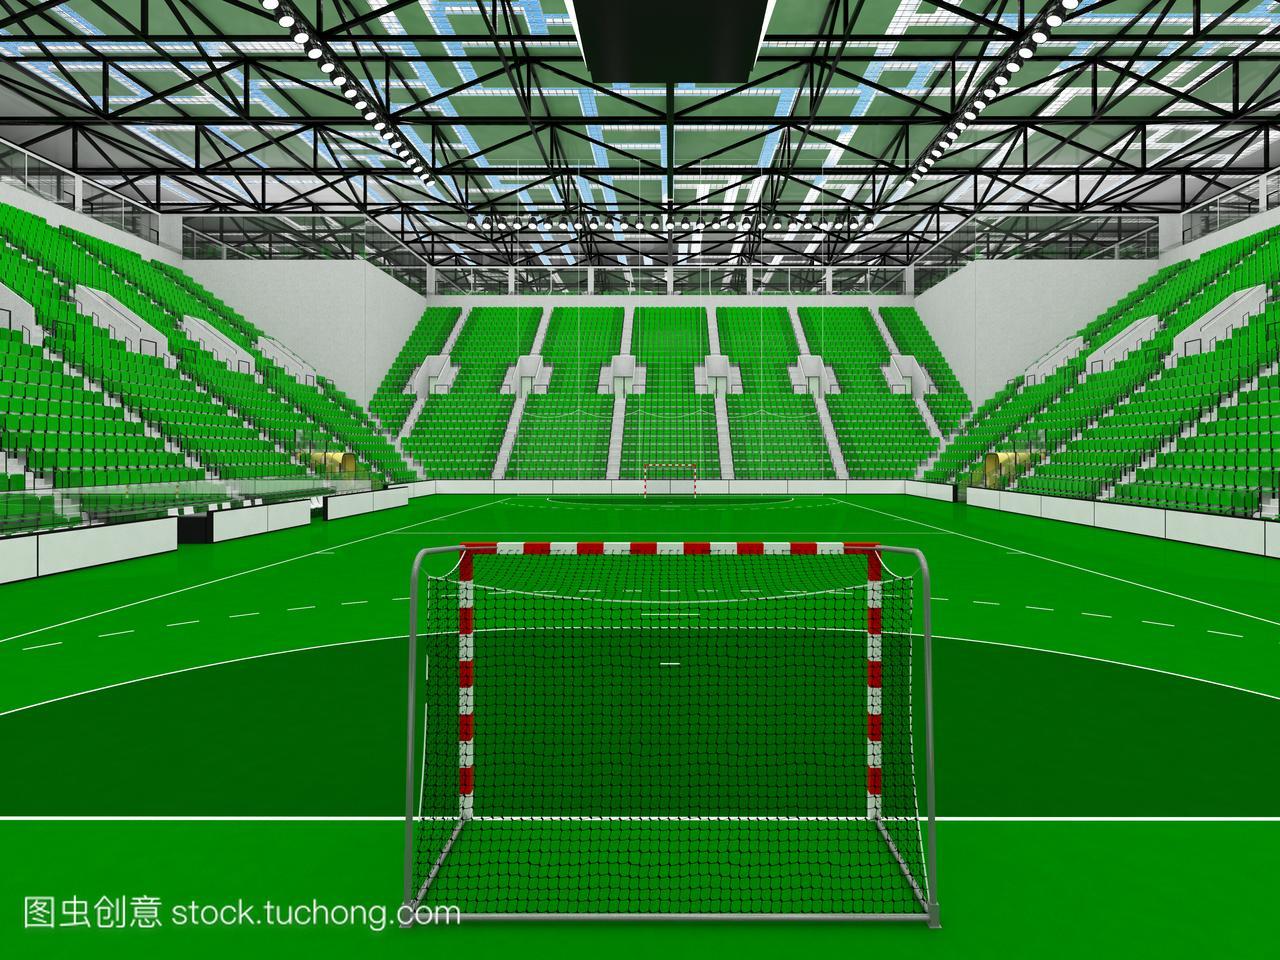 现代手球竞技场球迷有座位绿色和1万体育的摩托车被碰瓷图片